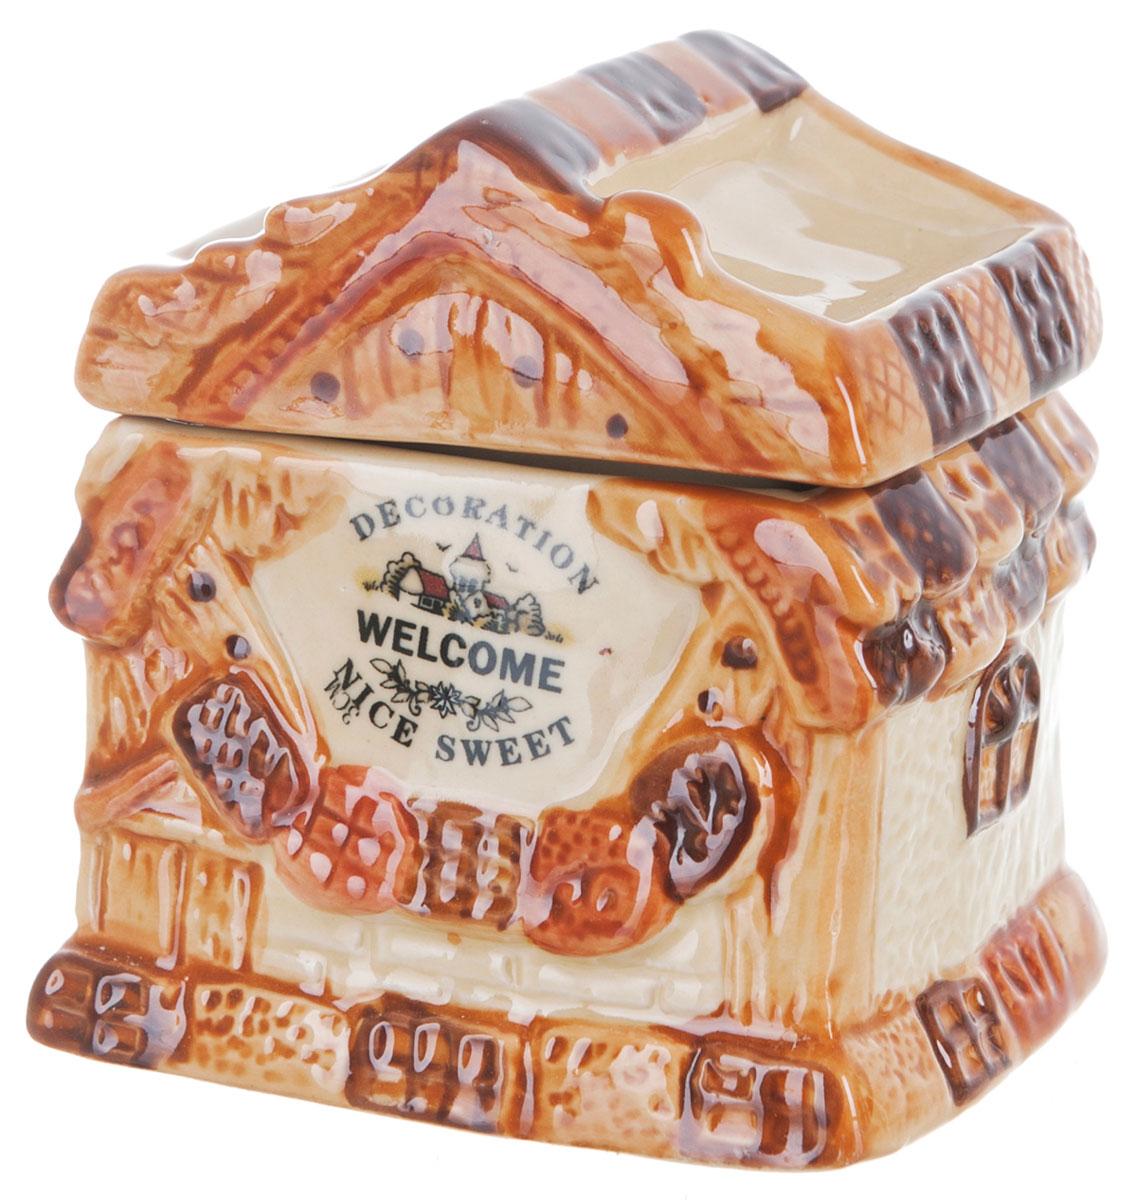 Банка для сыпучих продуктов ENS Group Дом, милый дом, 250 млSC-FD421004Банка для сыпучих продуктовENS Group Дом, милый дом, изготовлена из высококачественной керамики. Изделие оформлено красочным изображением. Банка прекрасно подойдет для хранения различных сыпучих продуктов: чая, кофе, сахара, круп и многого другого. Изящная емкость не только поможет хранить разнообразные сыпучие продукты, но и стильно дополнит интерьер кухни. Можно использовать в посудомоечной машине.